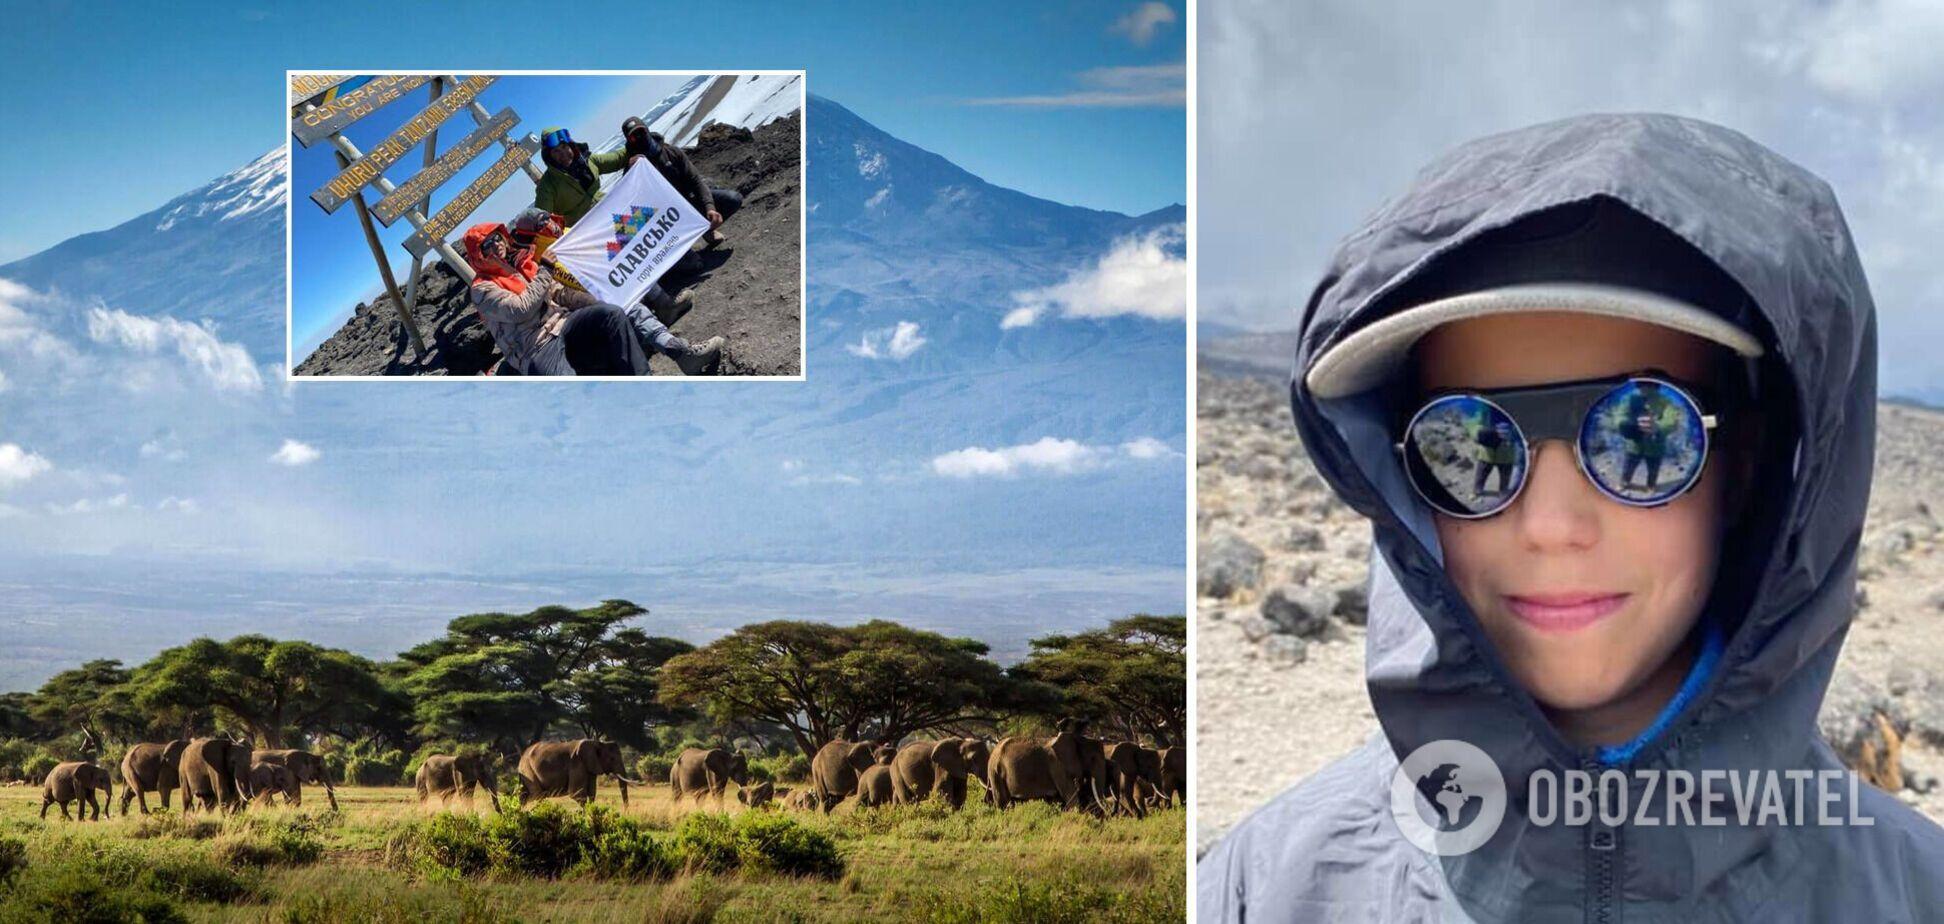 Подросток из Львовщины покорил Килиманджаро и побил рекорд. Фото и видео